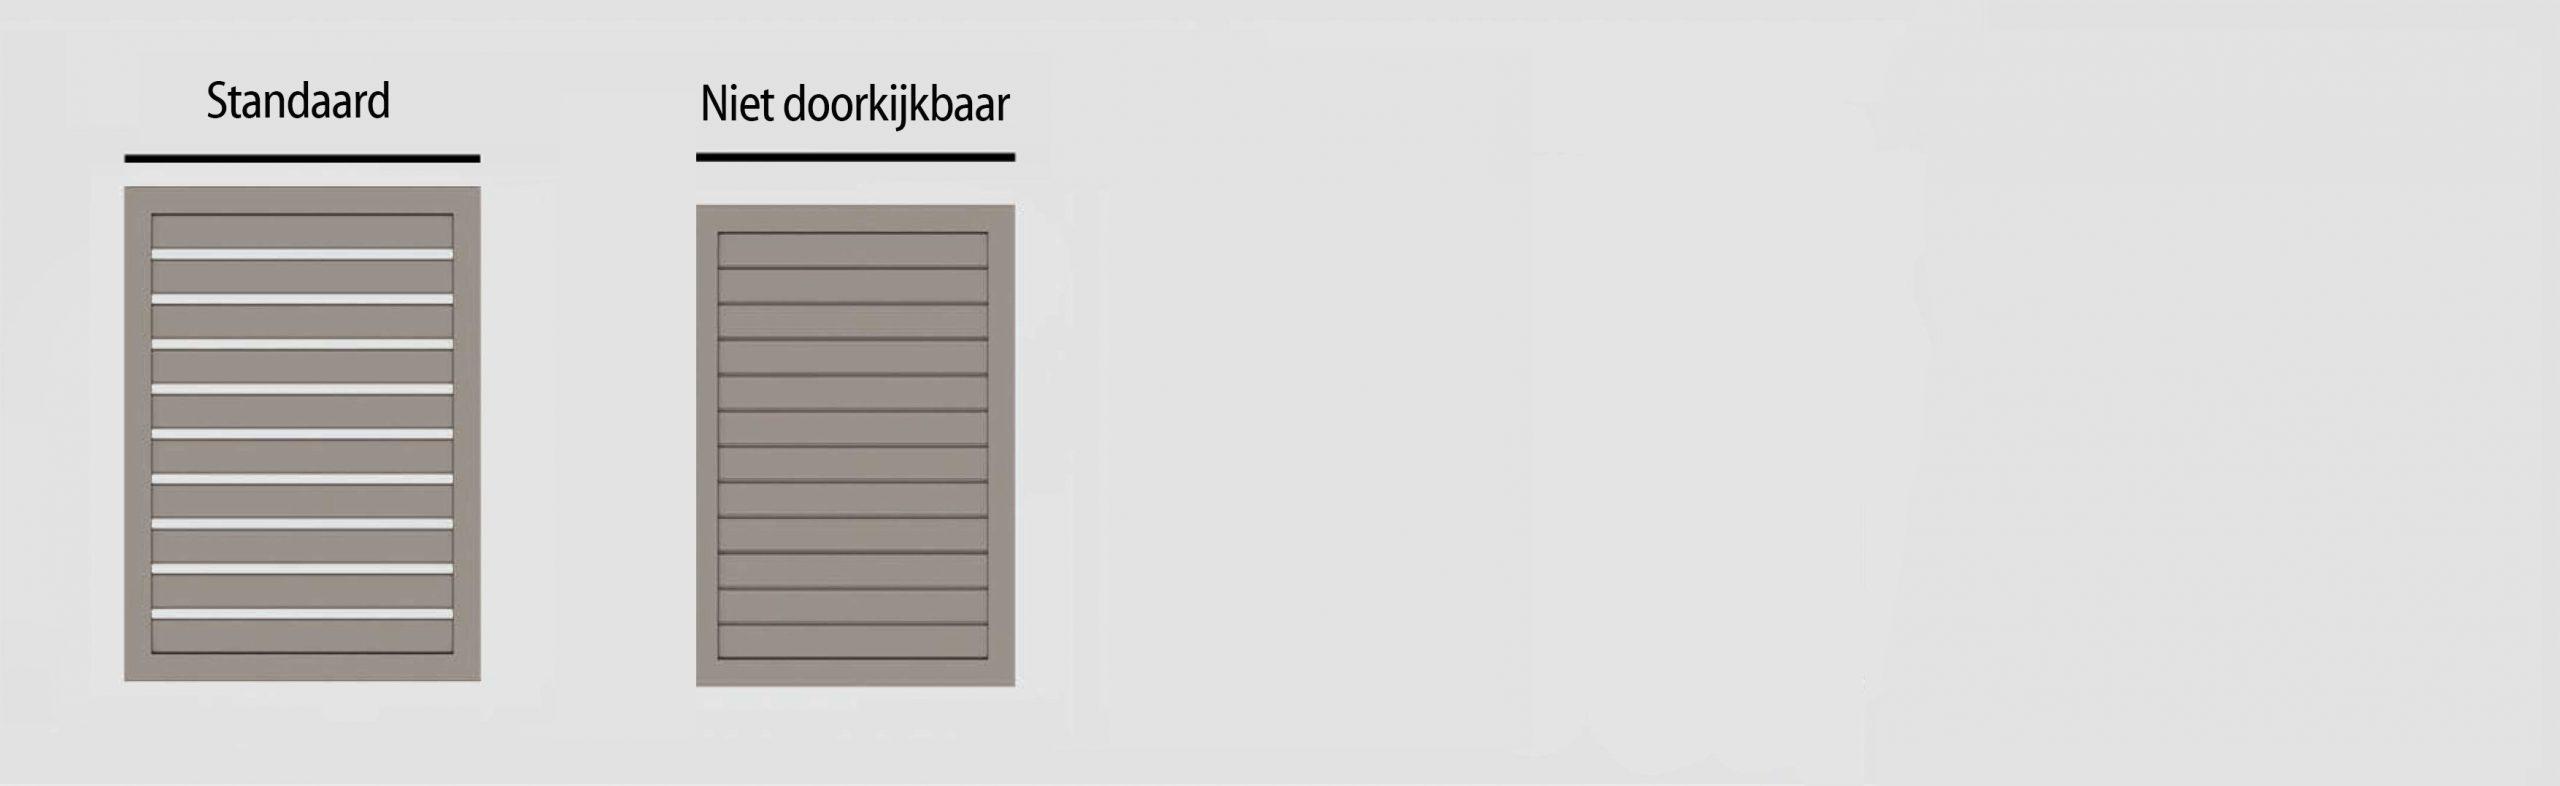 glenfiddichs schema2 scaled - Poorten en hekwerk - model Glenfiddich S